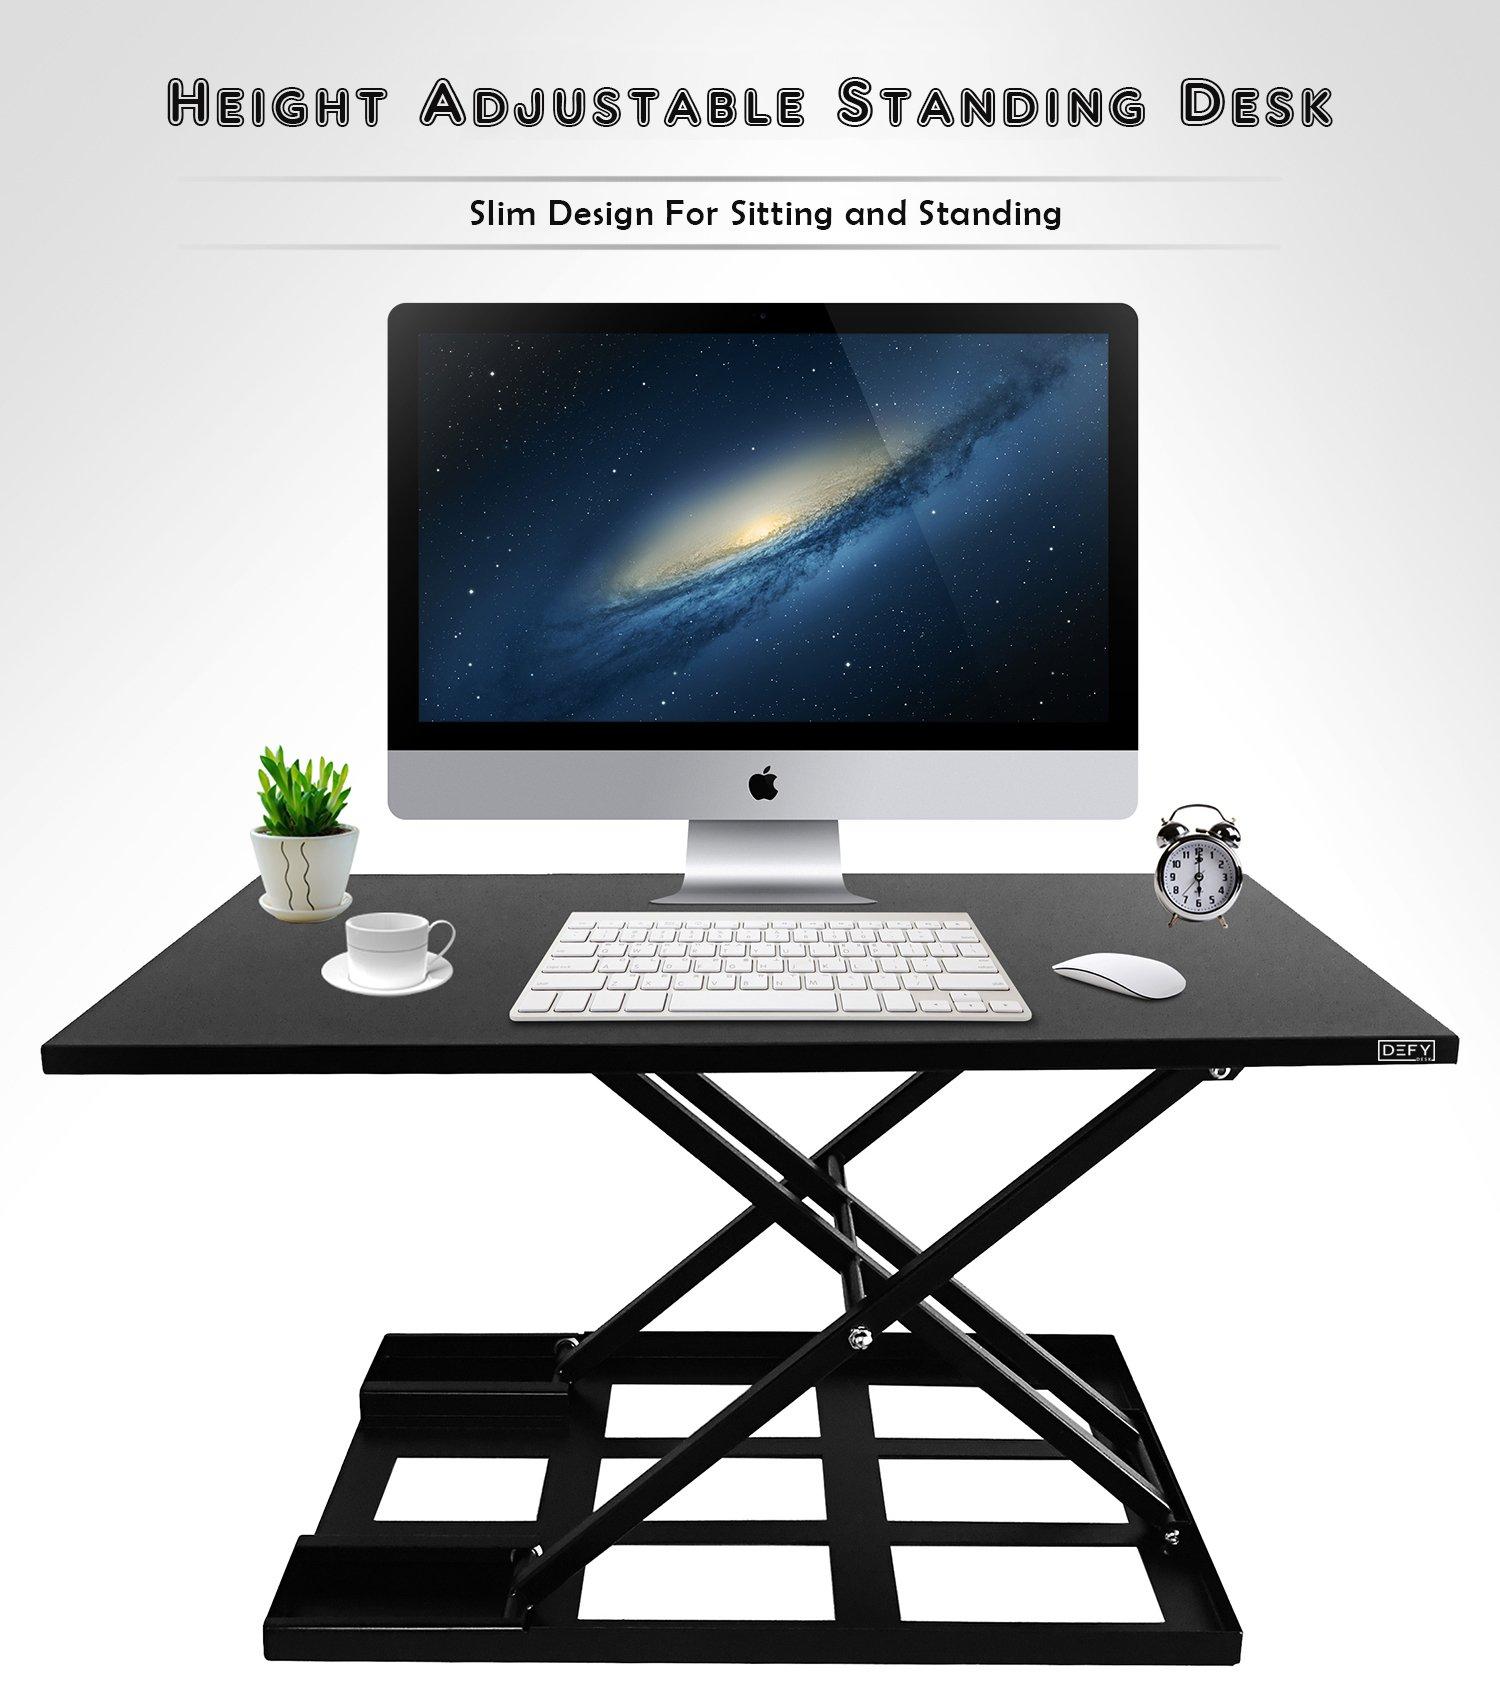 Standing Desk Stand Up Desks Height Adjustable Sit Stand Converter Laptop Stands Large Wide Rising Black Dual Monitor PC Desktop Computer Riser Table Workstation Foldable Extender Ergonomic 32 inch by Defy Desk (Image #2)